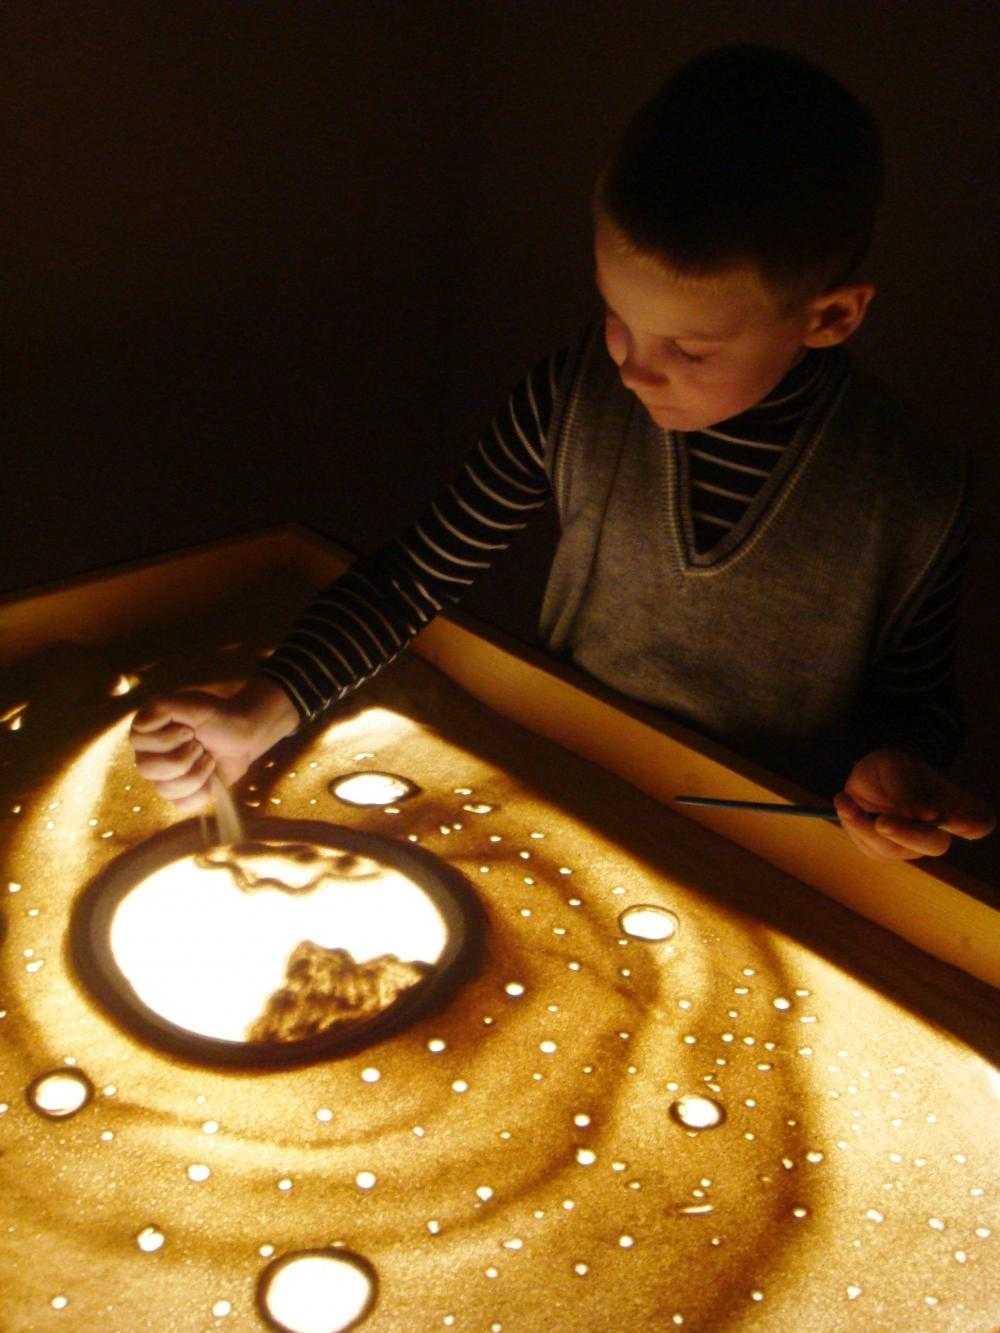 Планшеты для рисования песком: световые столы-песочницы с подсветкой, советы по выбору